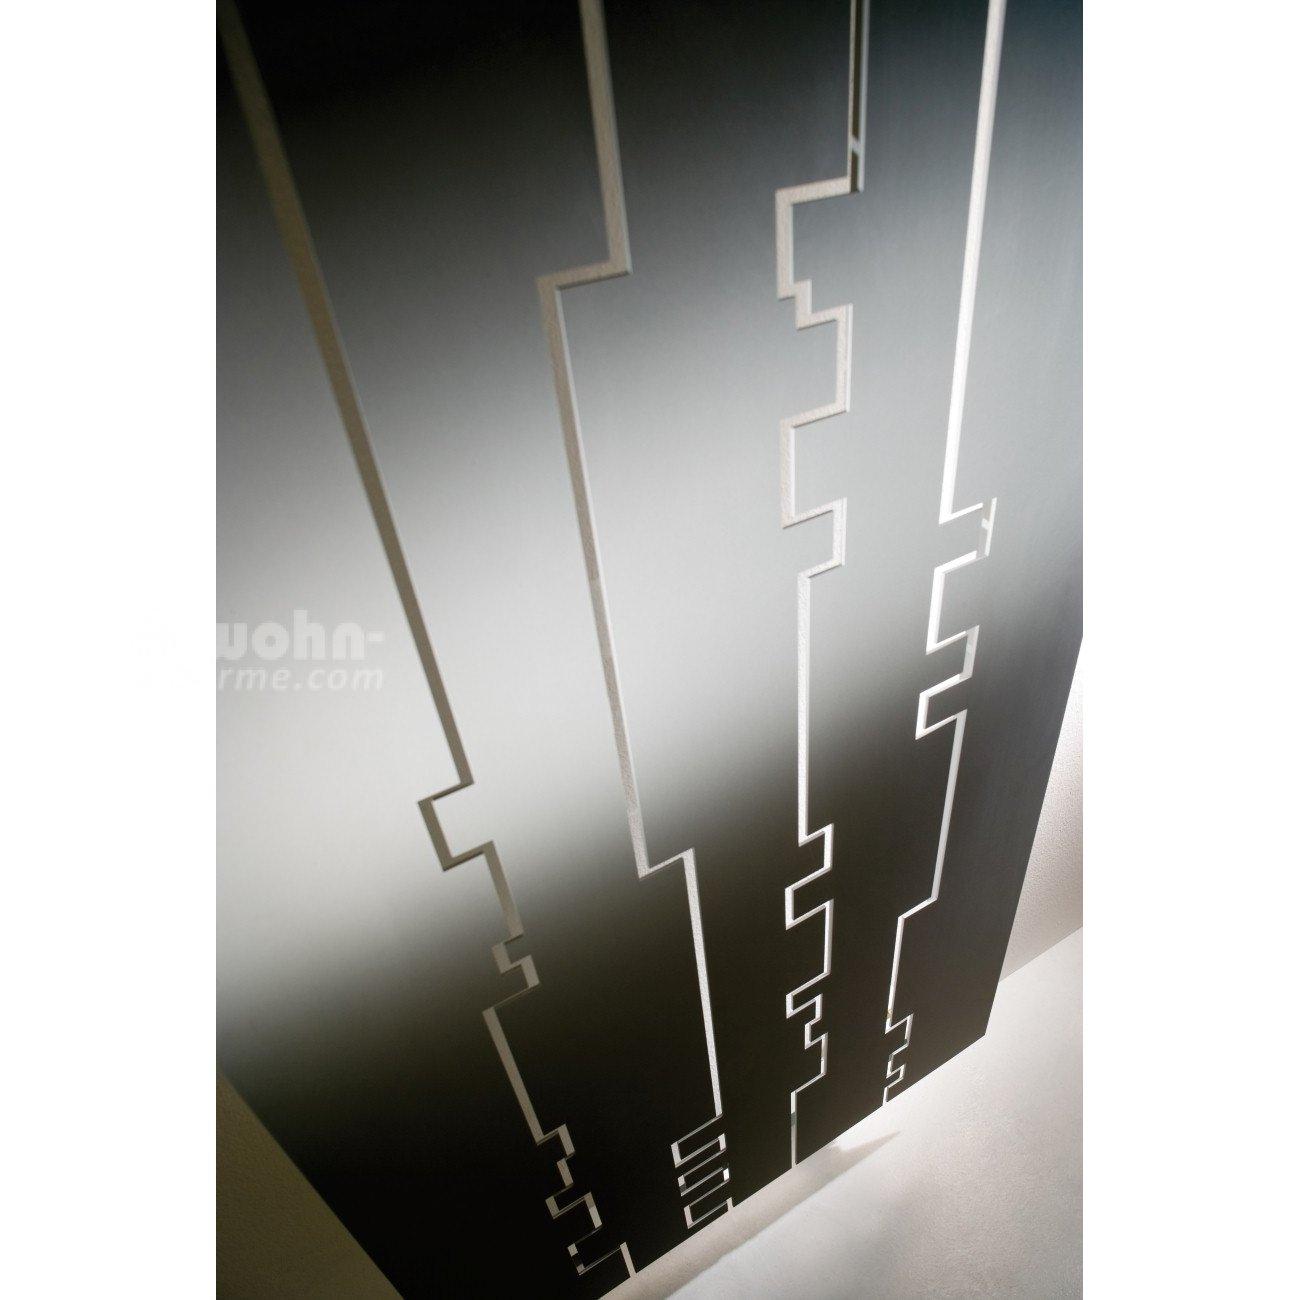 ad hoc random design heizk rper platte aus aluminium. Black Bedroom Furniture Sets. Home Design Ideas